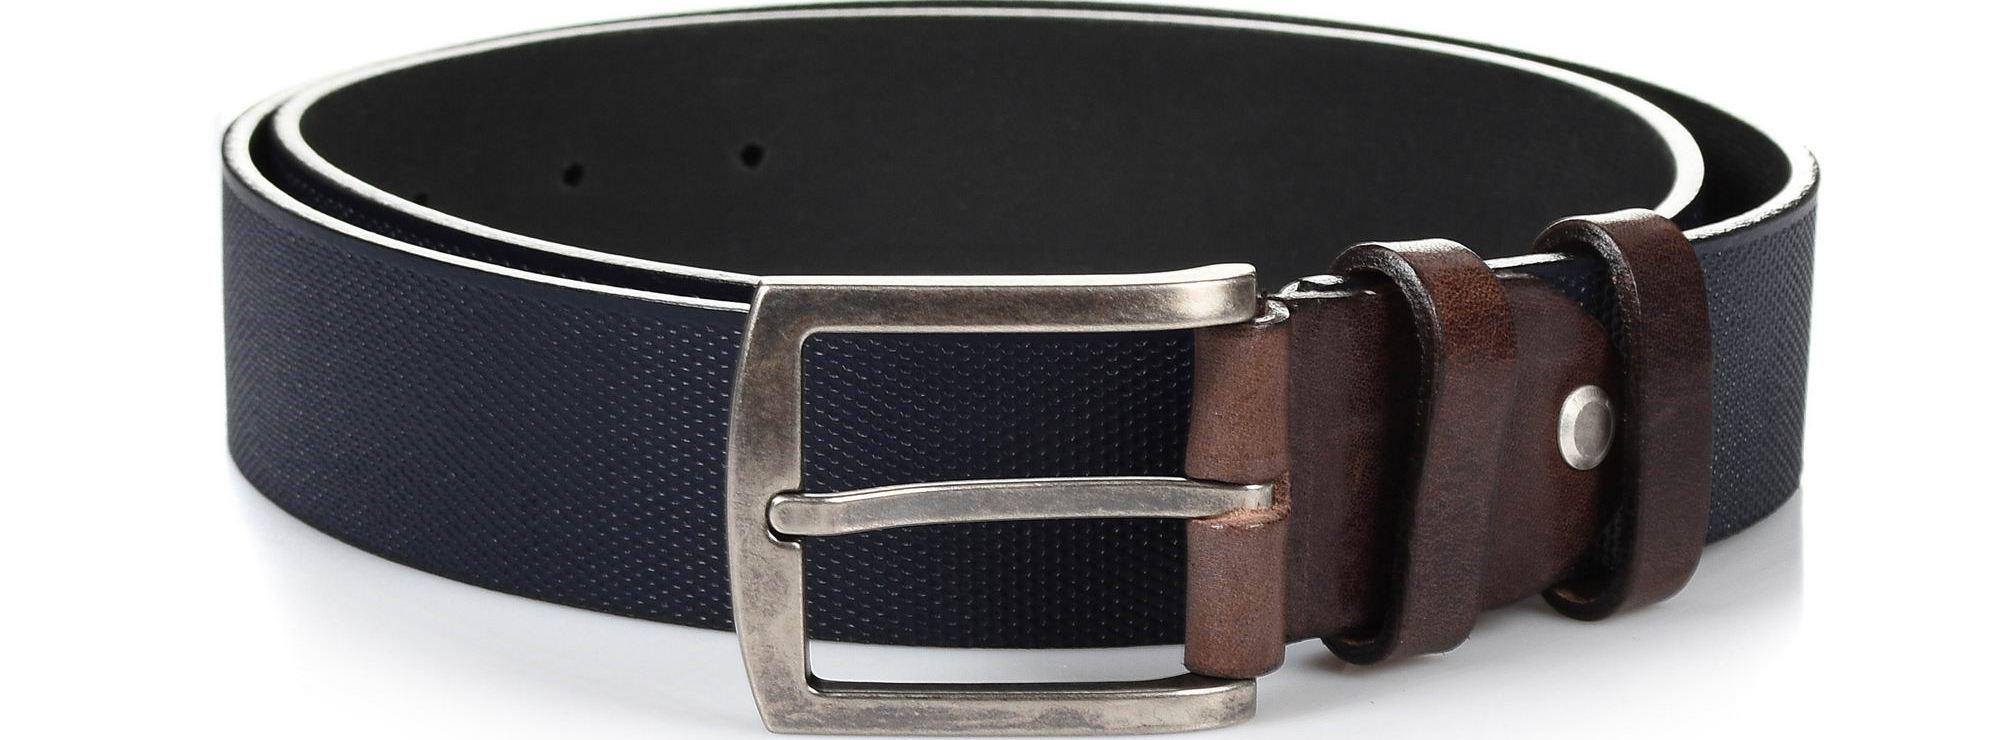 Δερμάτινη Ζώνη Brandbags Collection B576